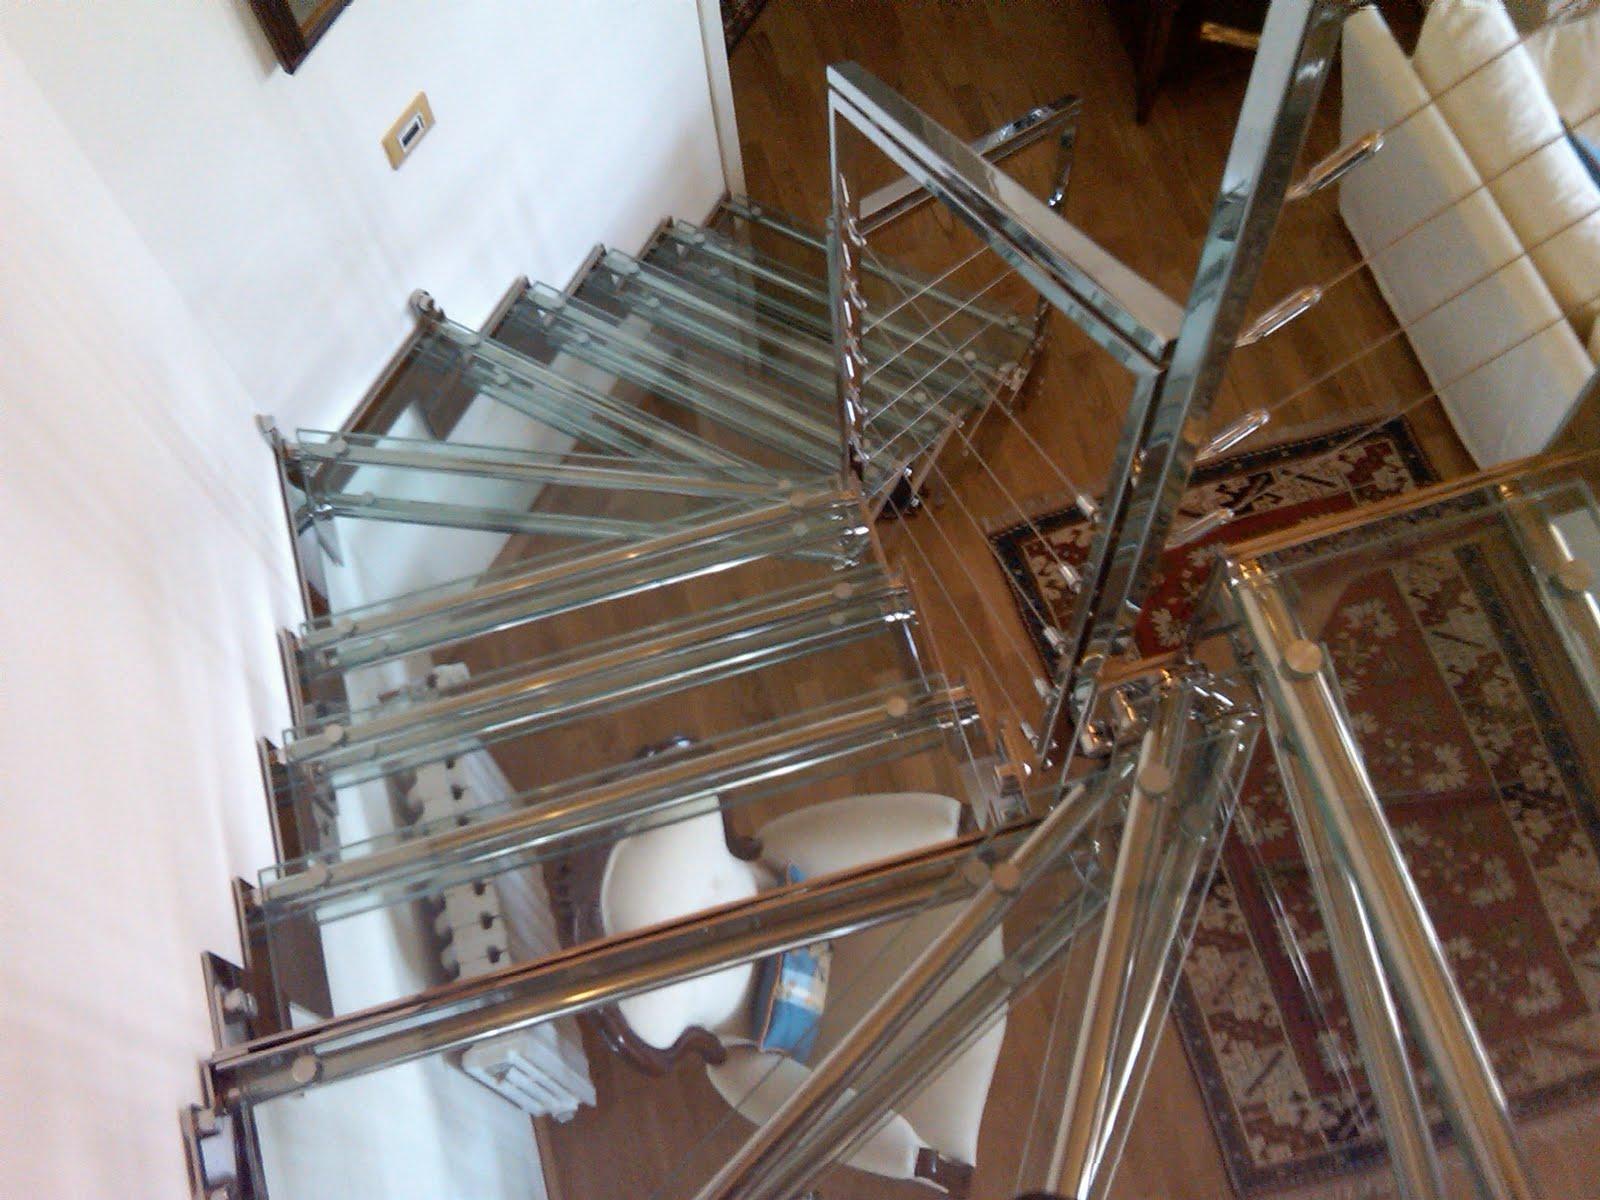 Scala acciaio e cristallo il blog di roversi scale for Piccole case quadrate